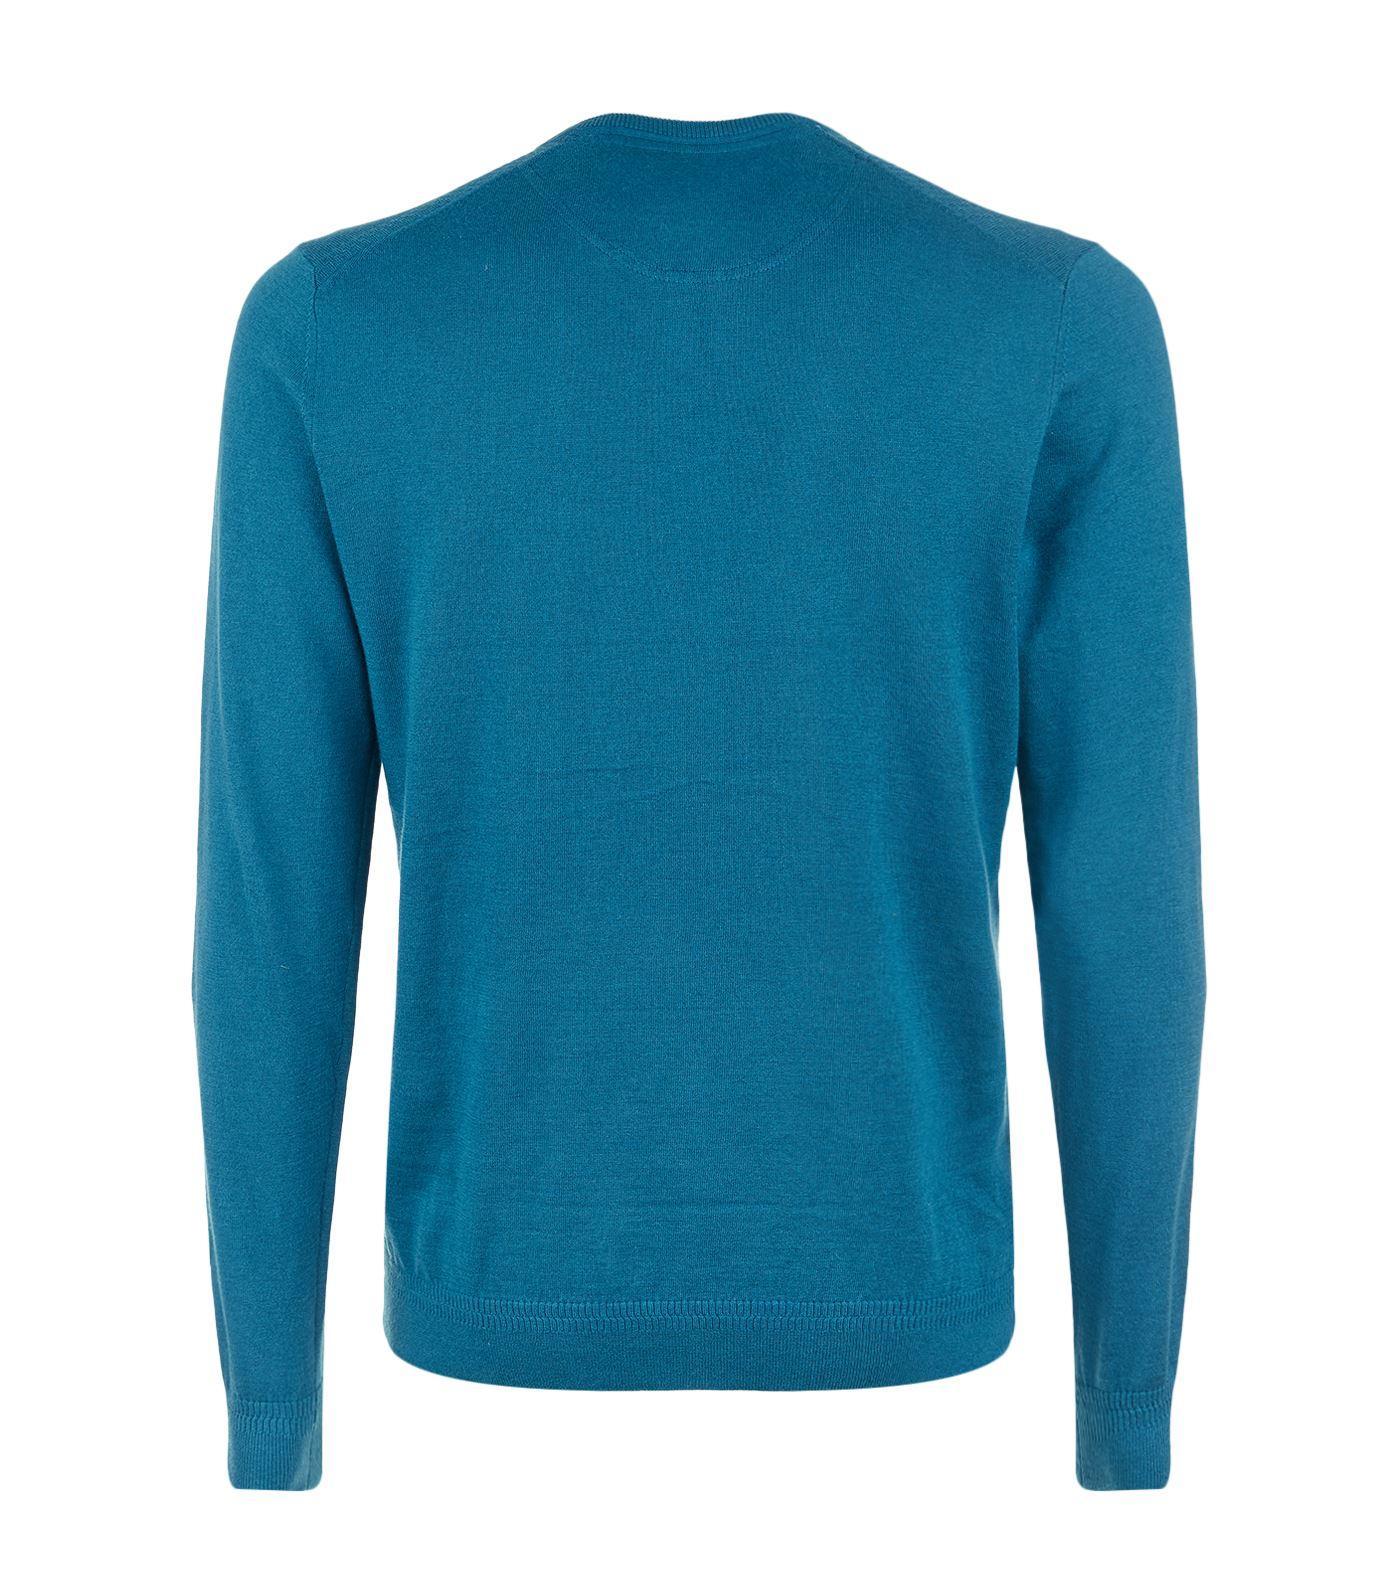 Ted Baker Cotton V-neck Jumper in Blue for Men